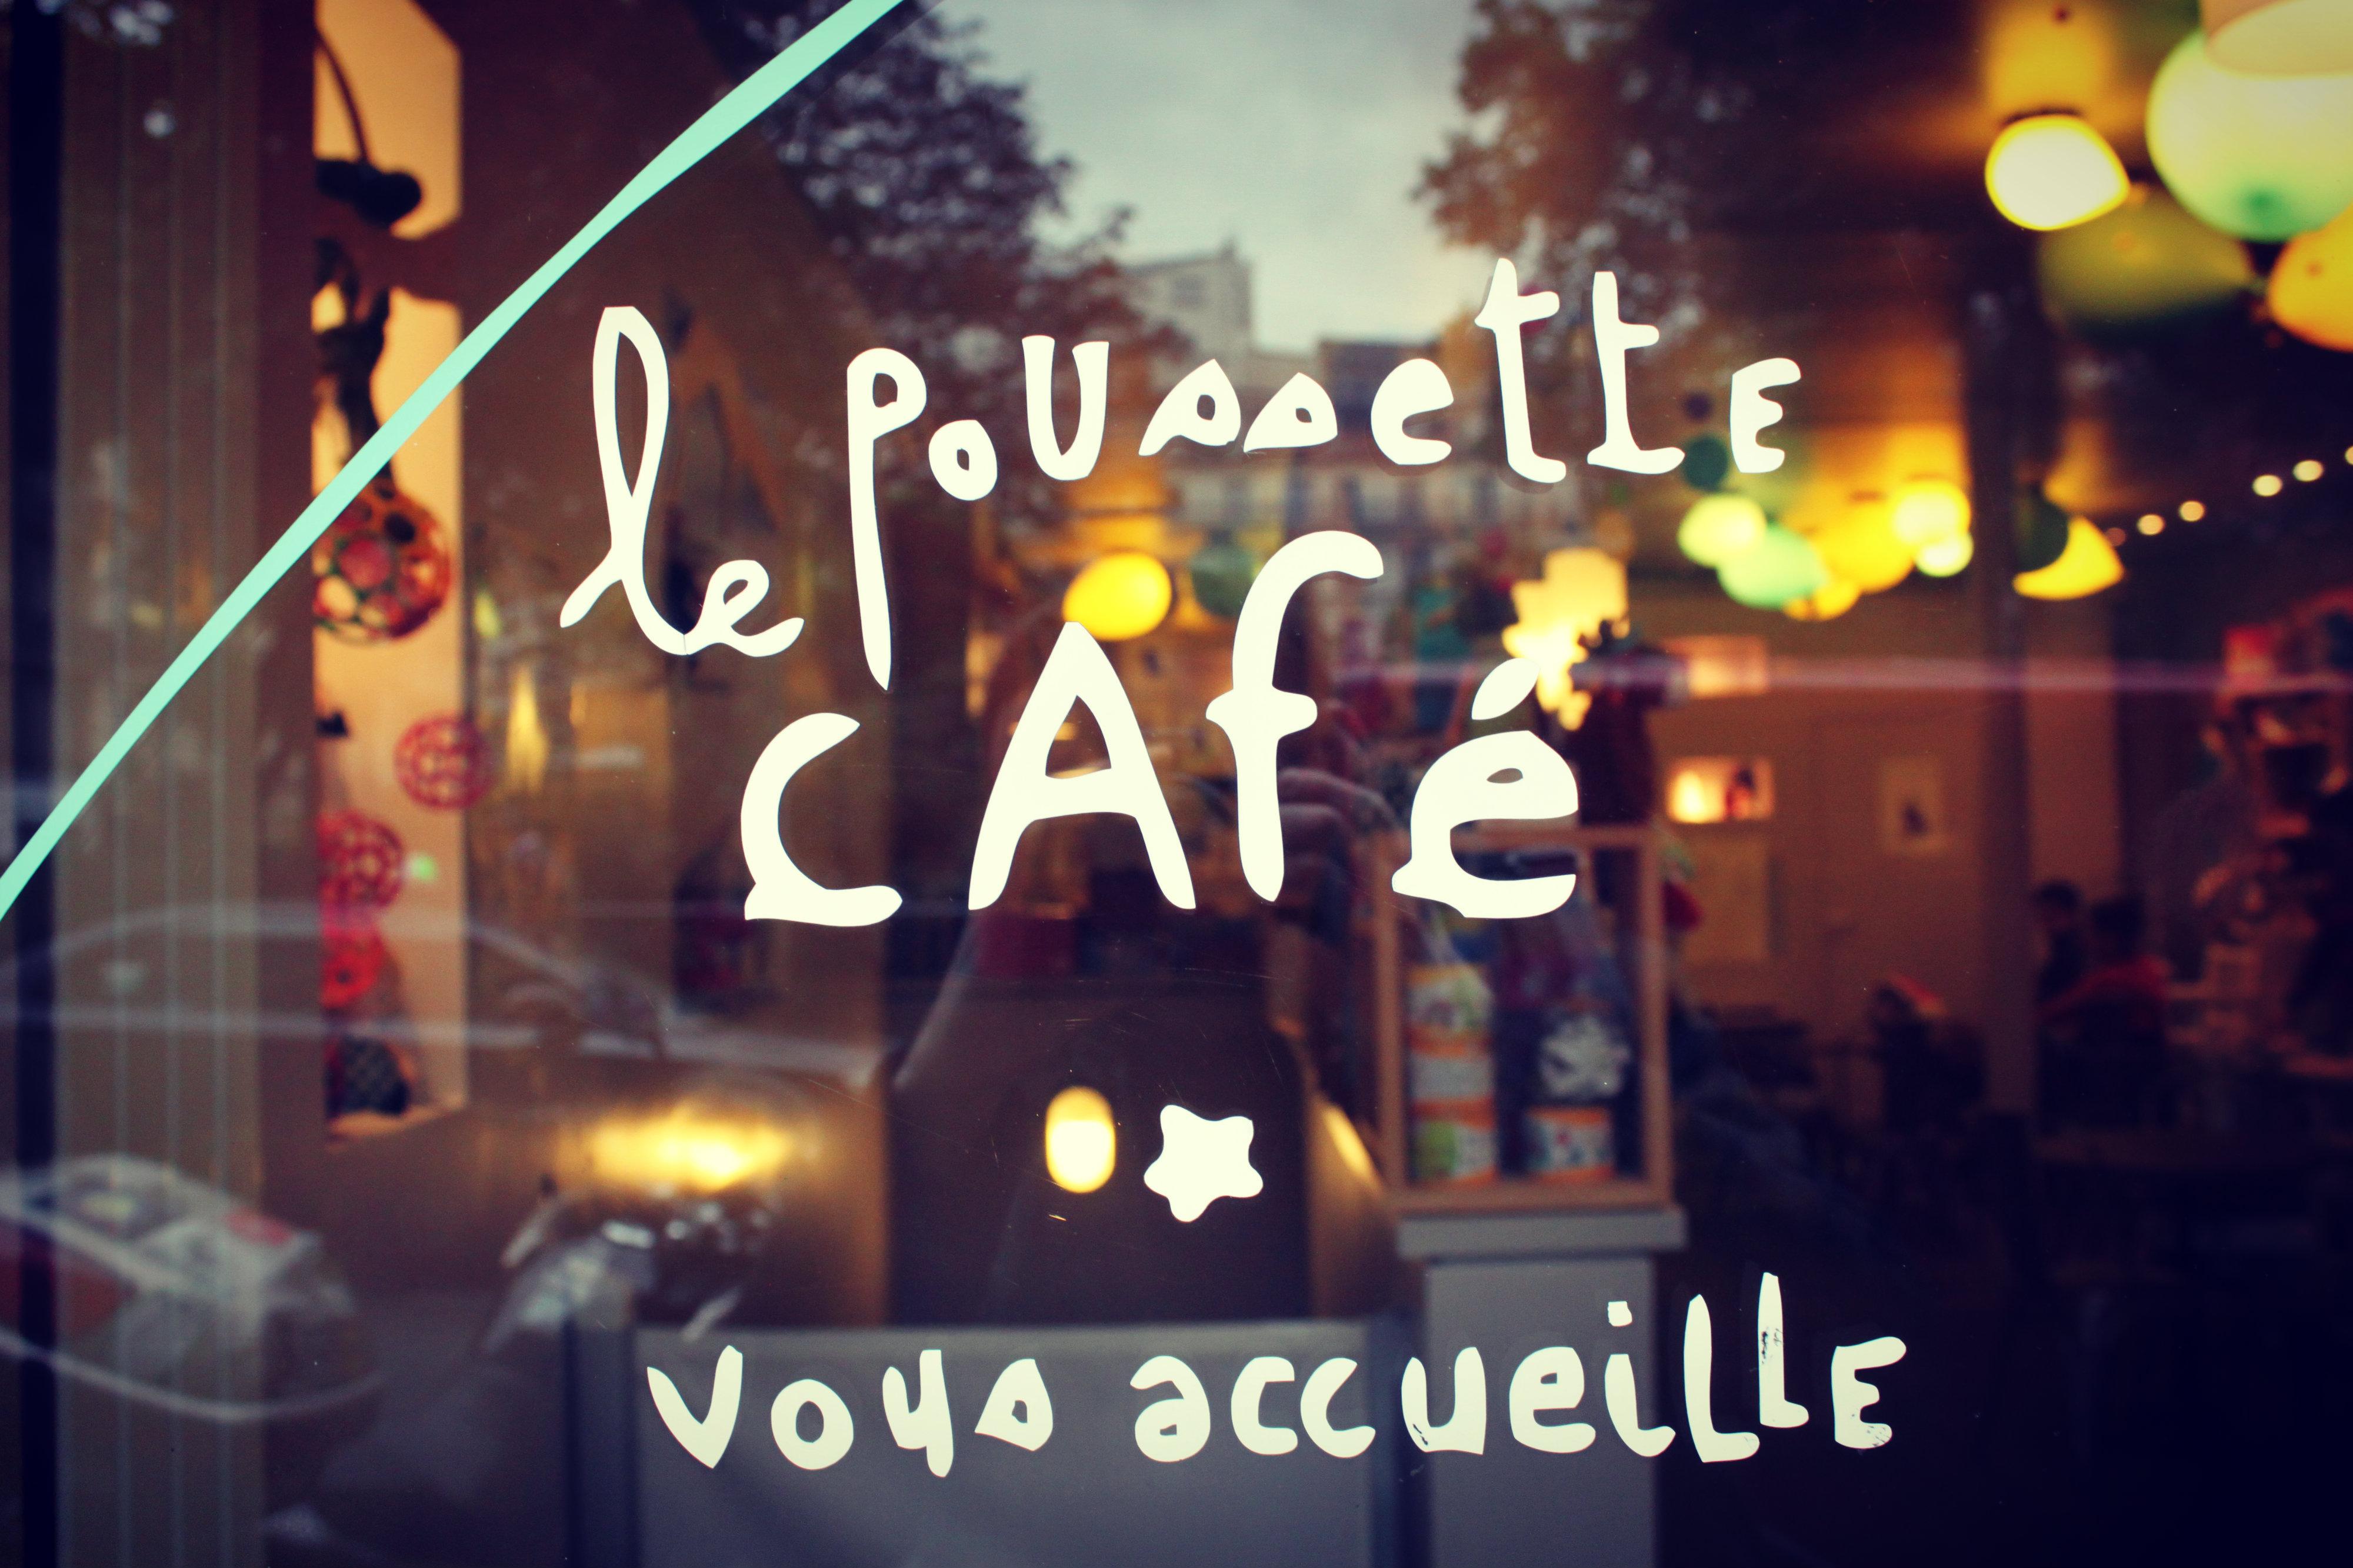 bbnove e-shop puériculture design - concept store made in france pour bébés poussette café bbnove